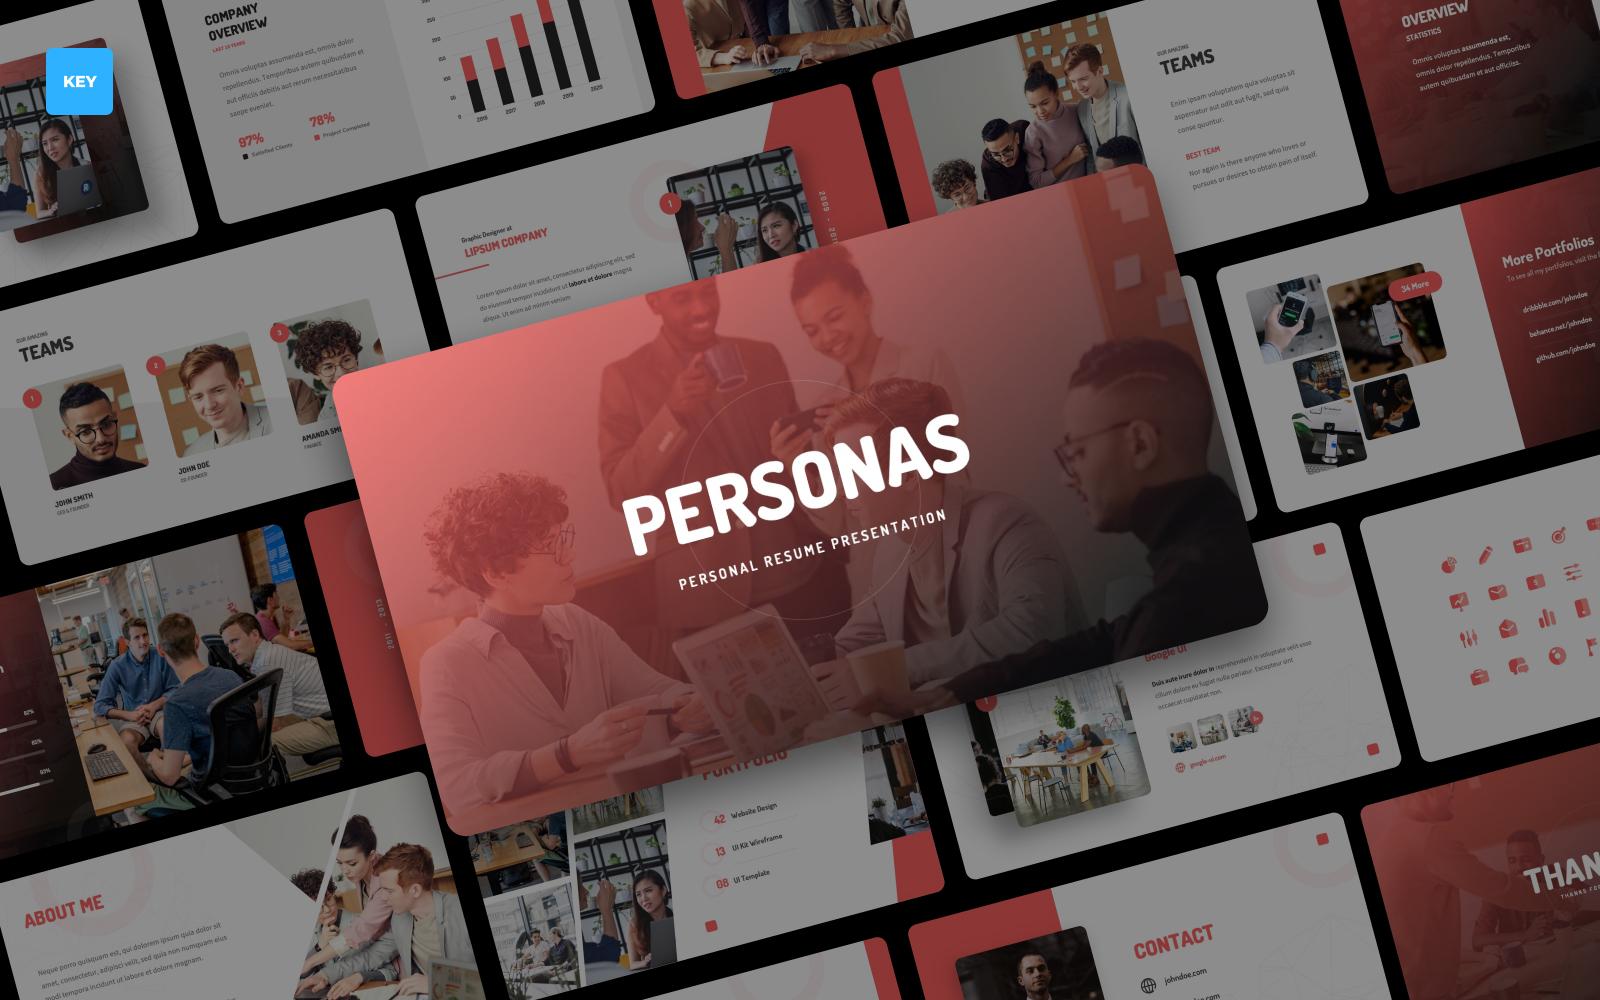 """Plantilla Keynote """"Personas - Personal Resume Presentation"""" #122773"""